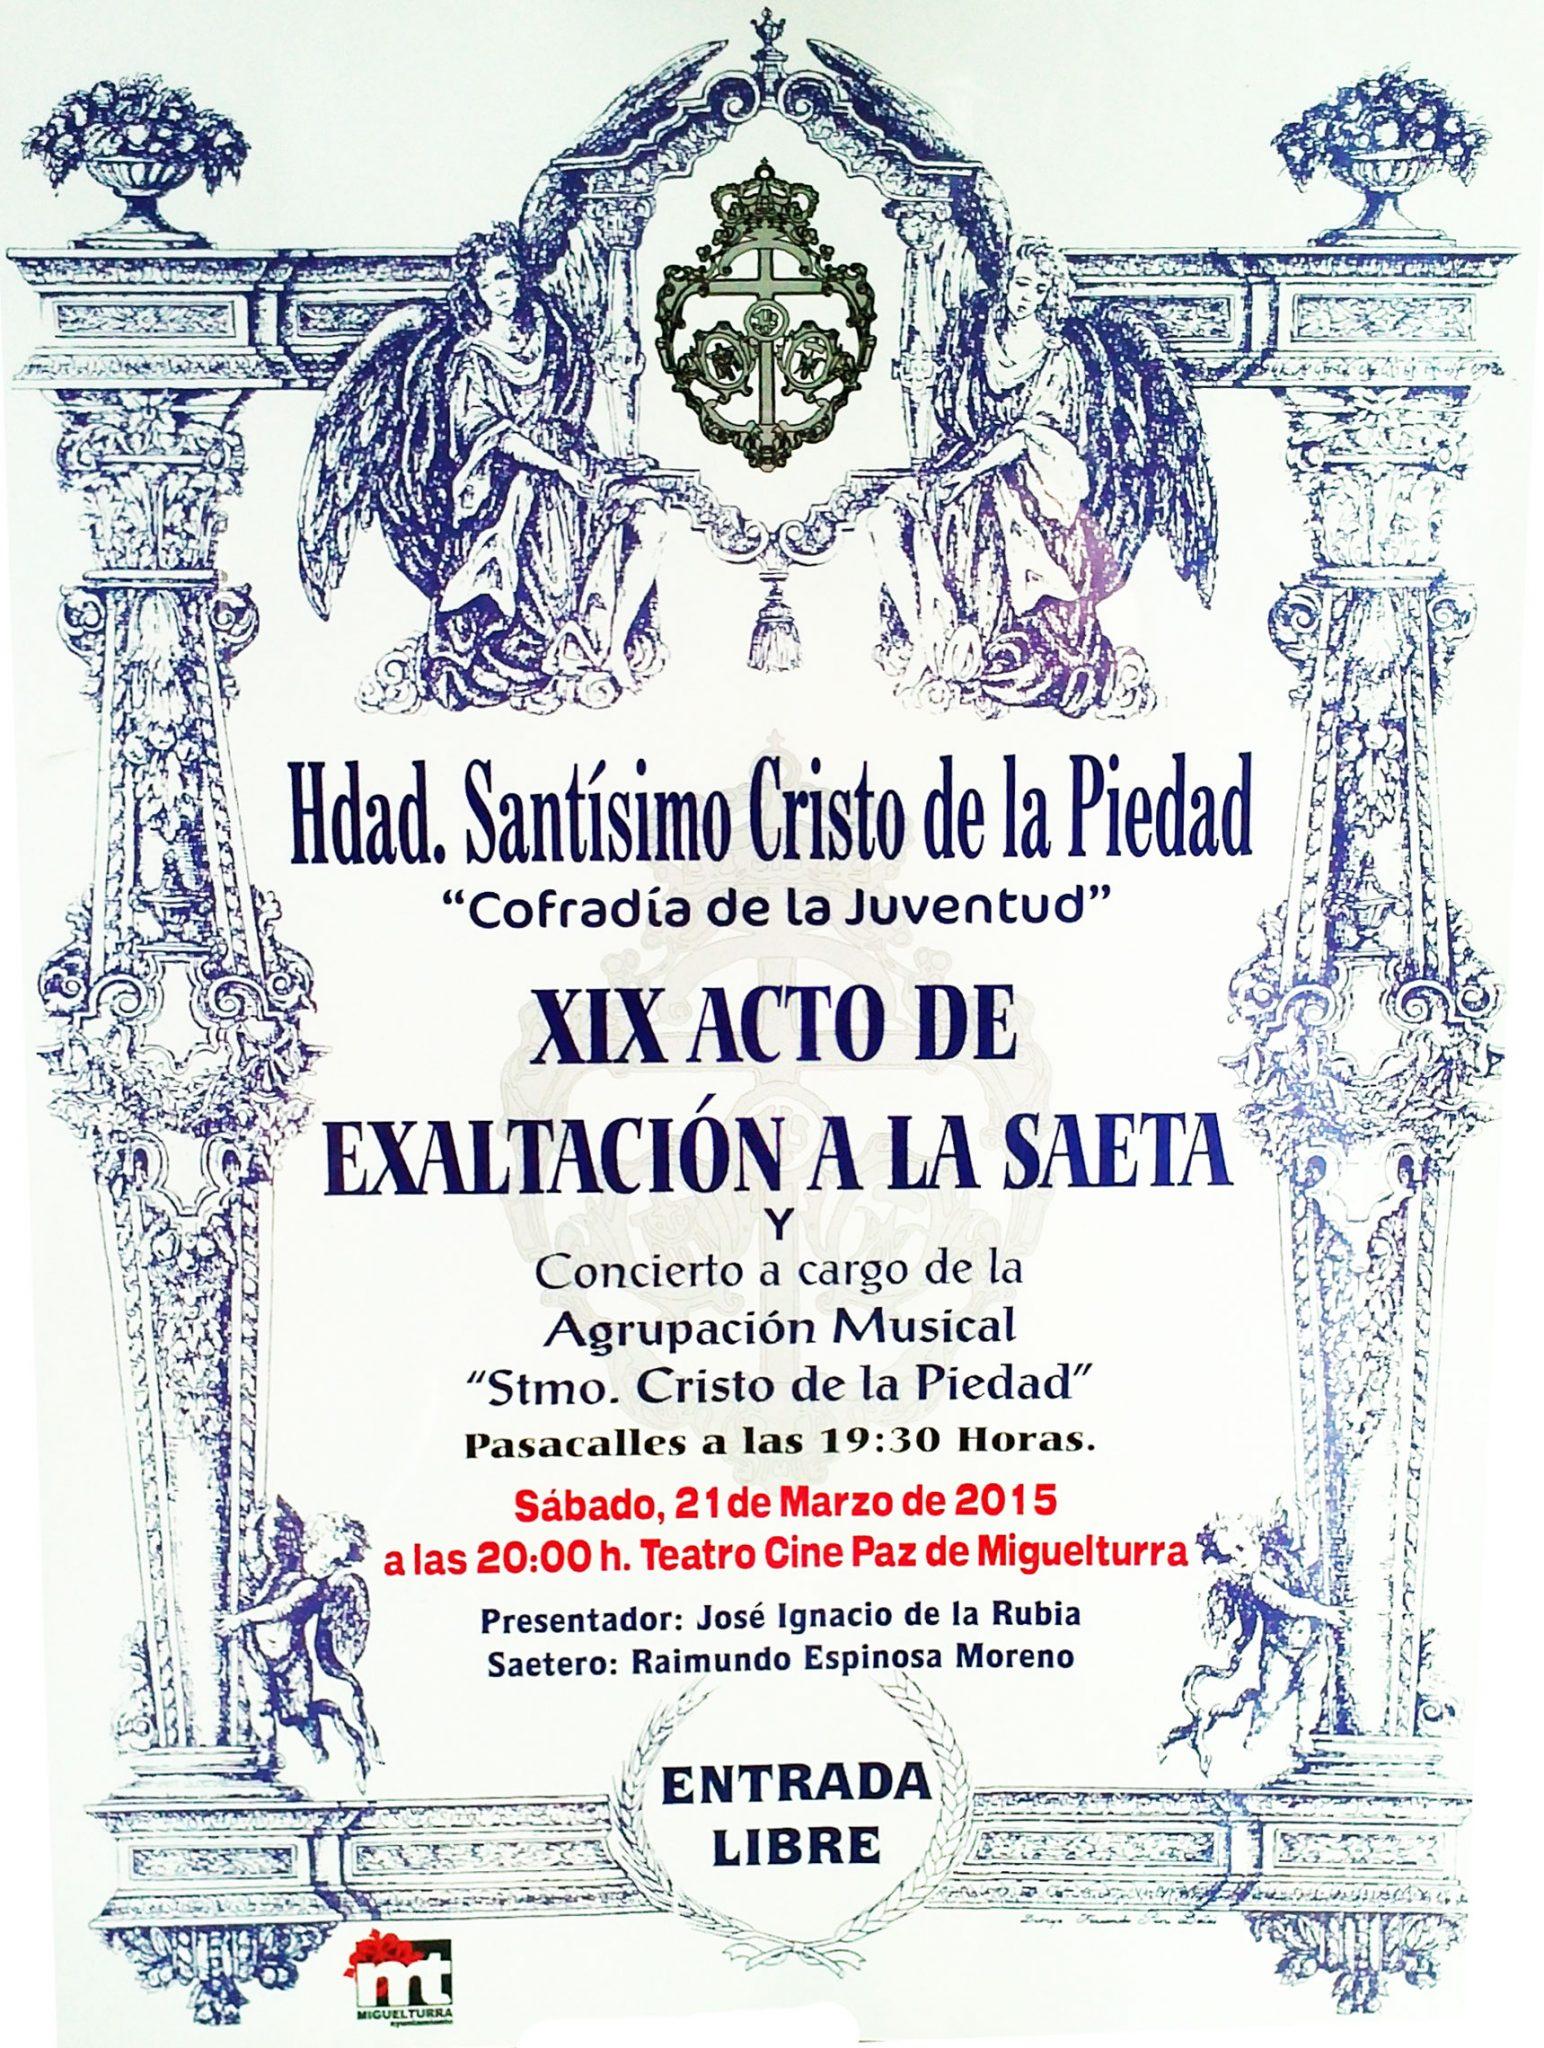 Decimonoveno Acto de Exaltación a la Saeta en el Teatro Cine Paz de Miguelturra